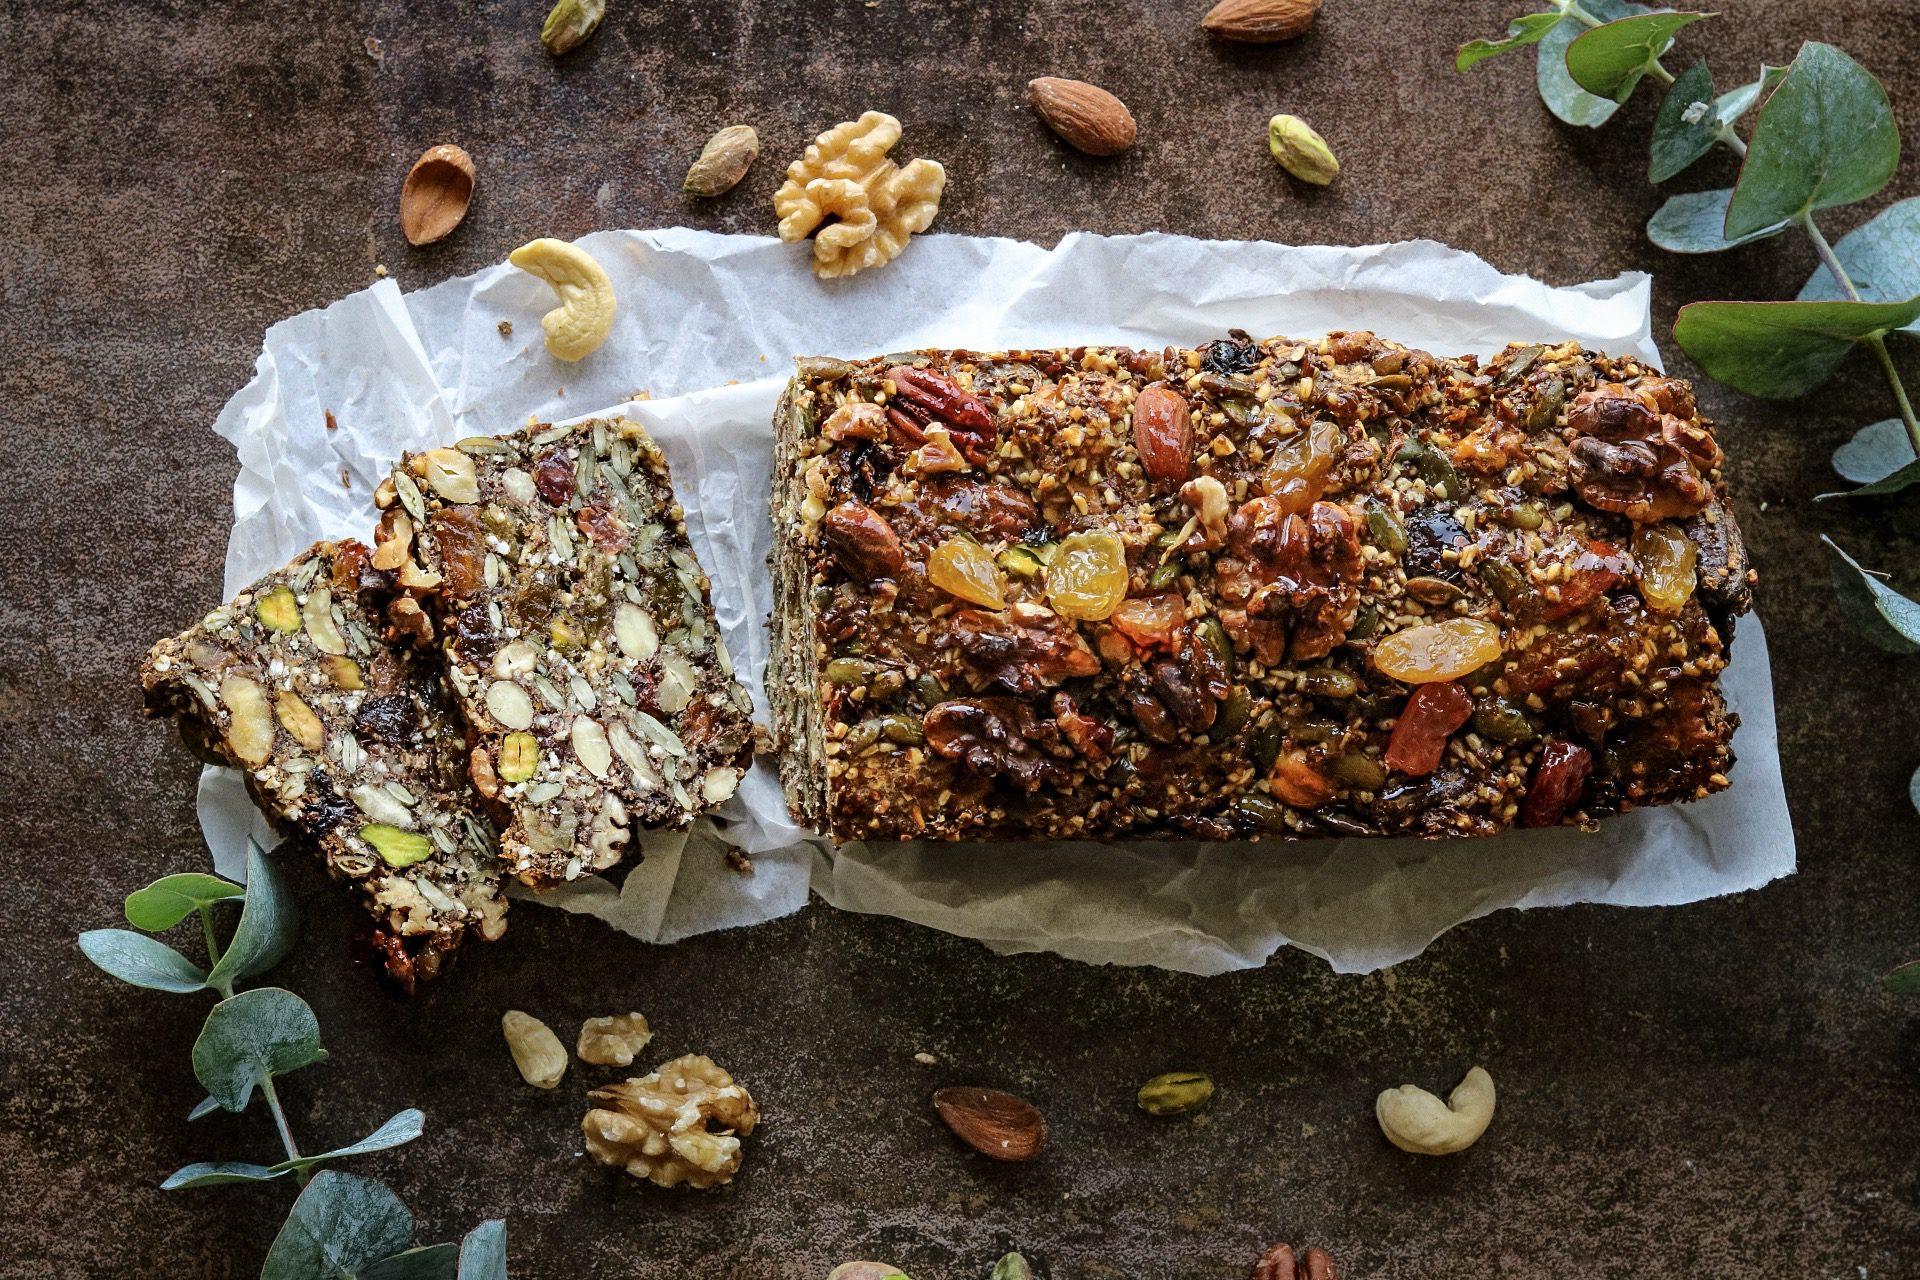 Notenbrood met zaden en pitten